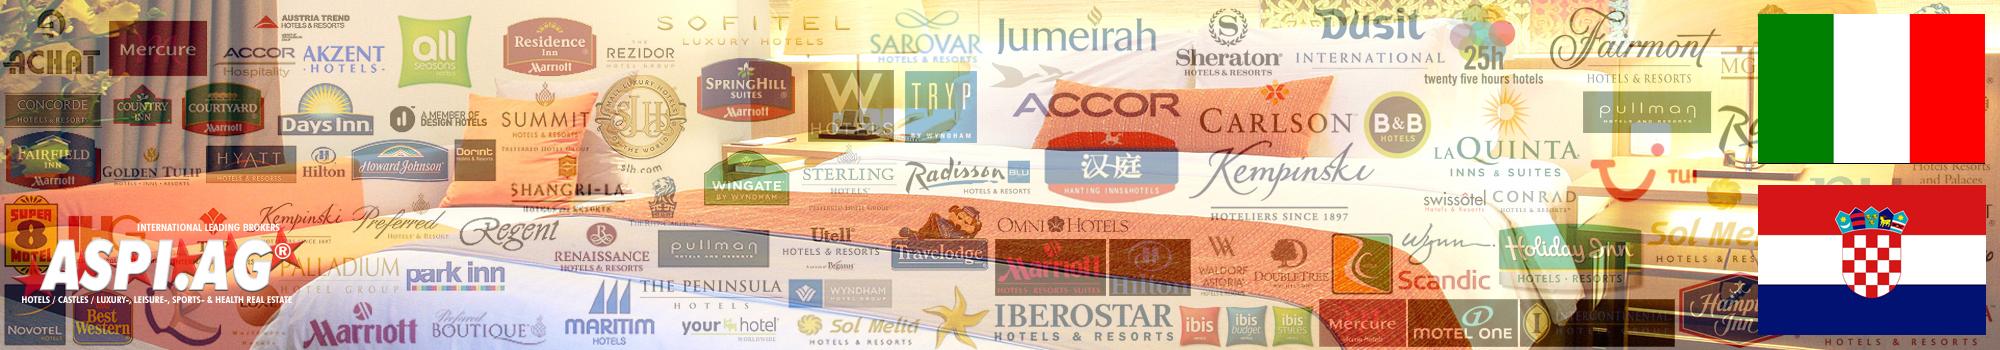 Hotels for sale in Italy and Croatia. Hotels zu verkaufen zu verpachten in Italien, Rom, Südtirol, Adria, und Kroatien, Istrien, Dalmatien, Split, Zagreb